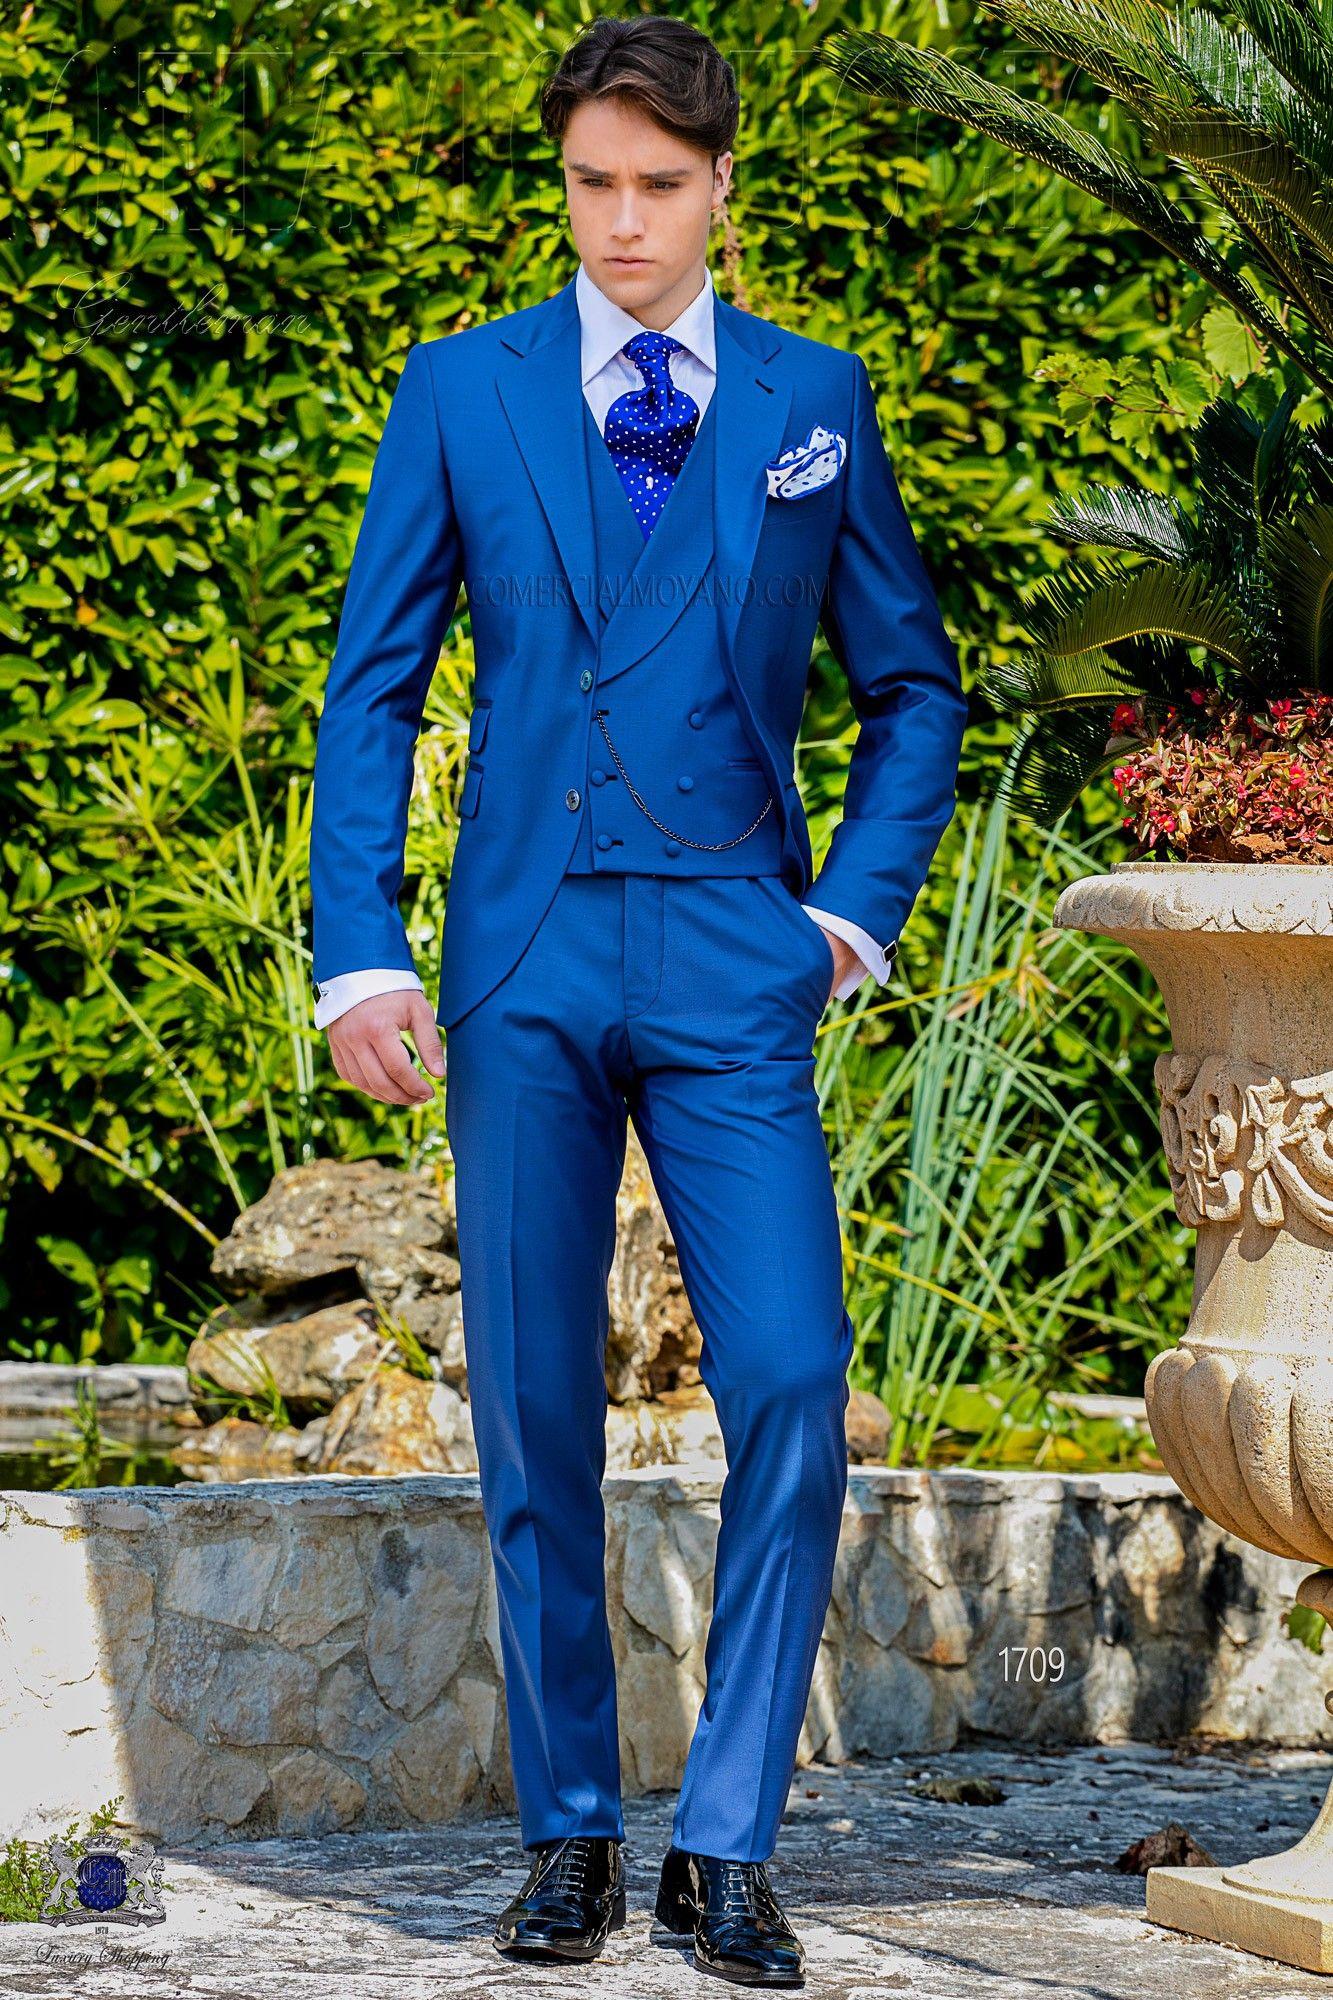 costume homme italien bleu royal laine m lang en 2019. Black Bedroom Furniture Sets. Home Design Ideas